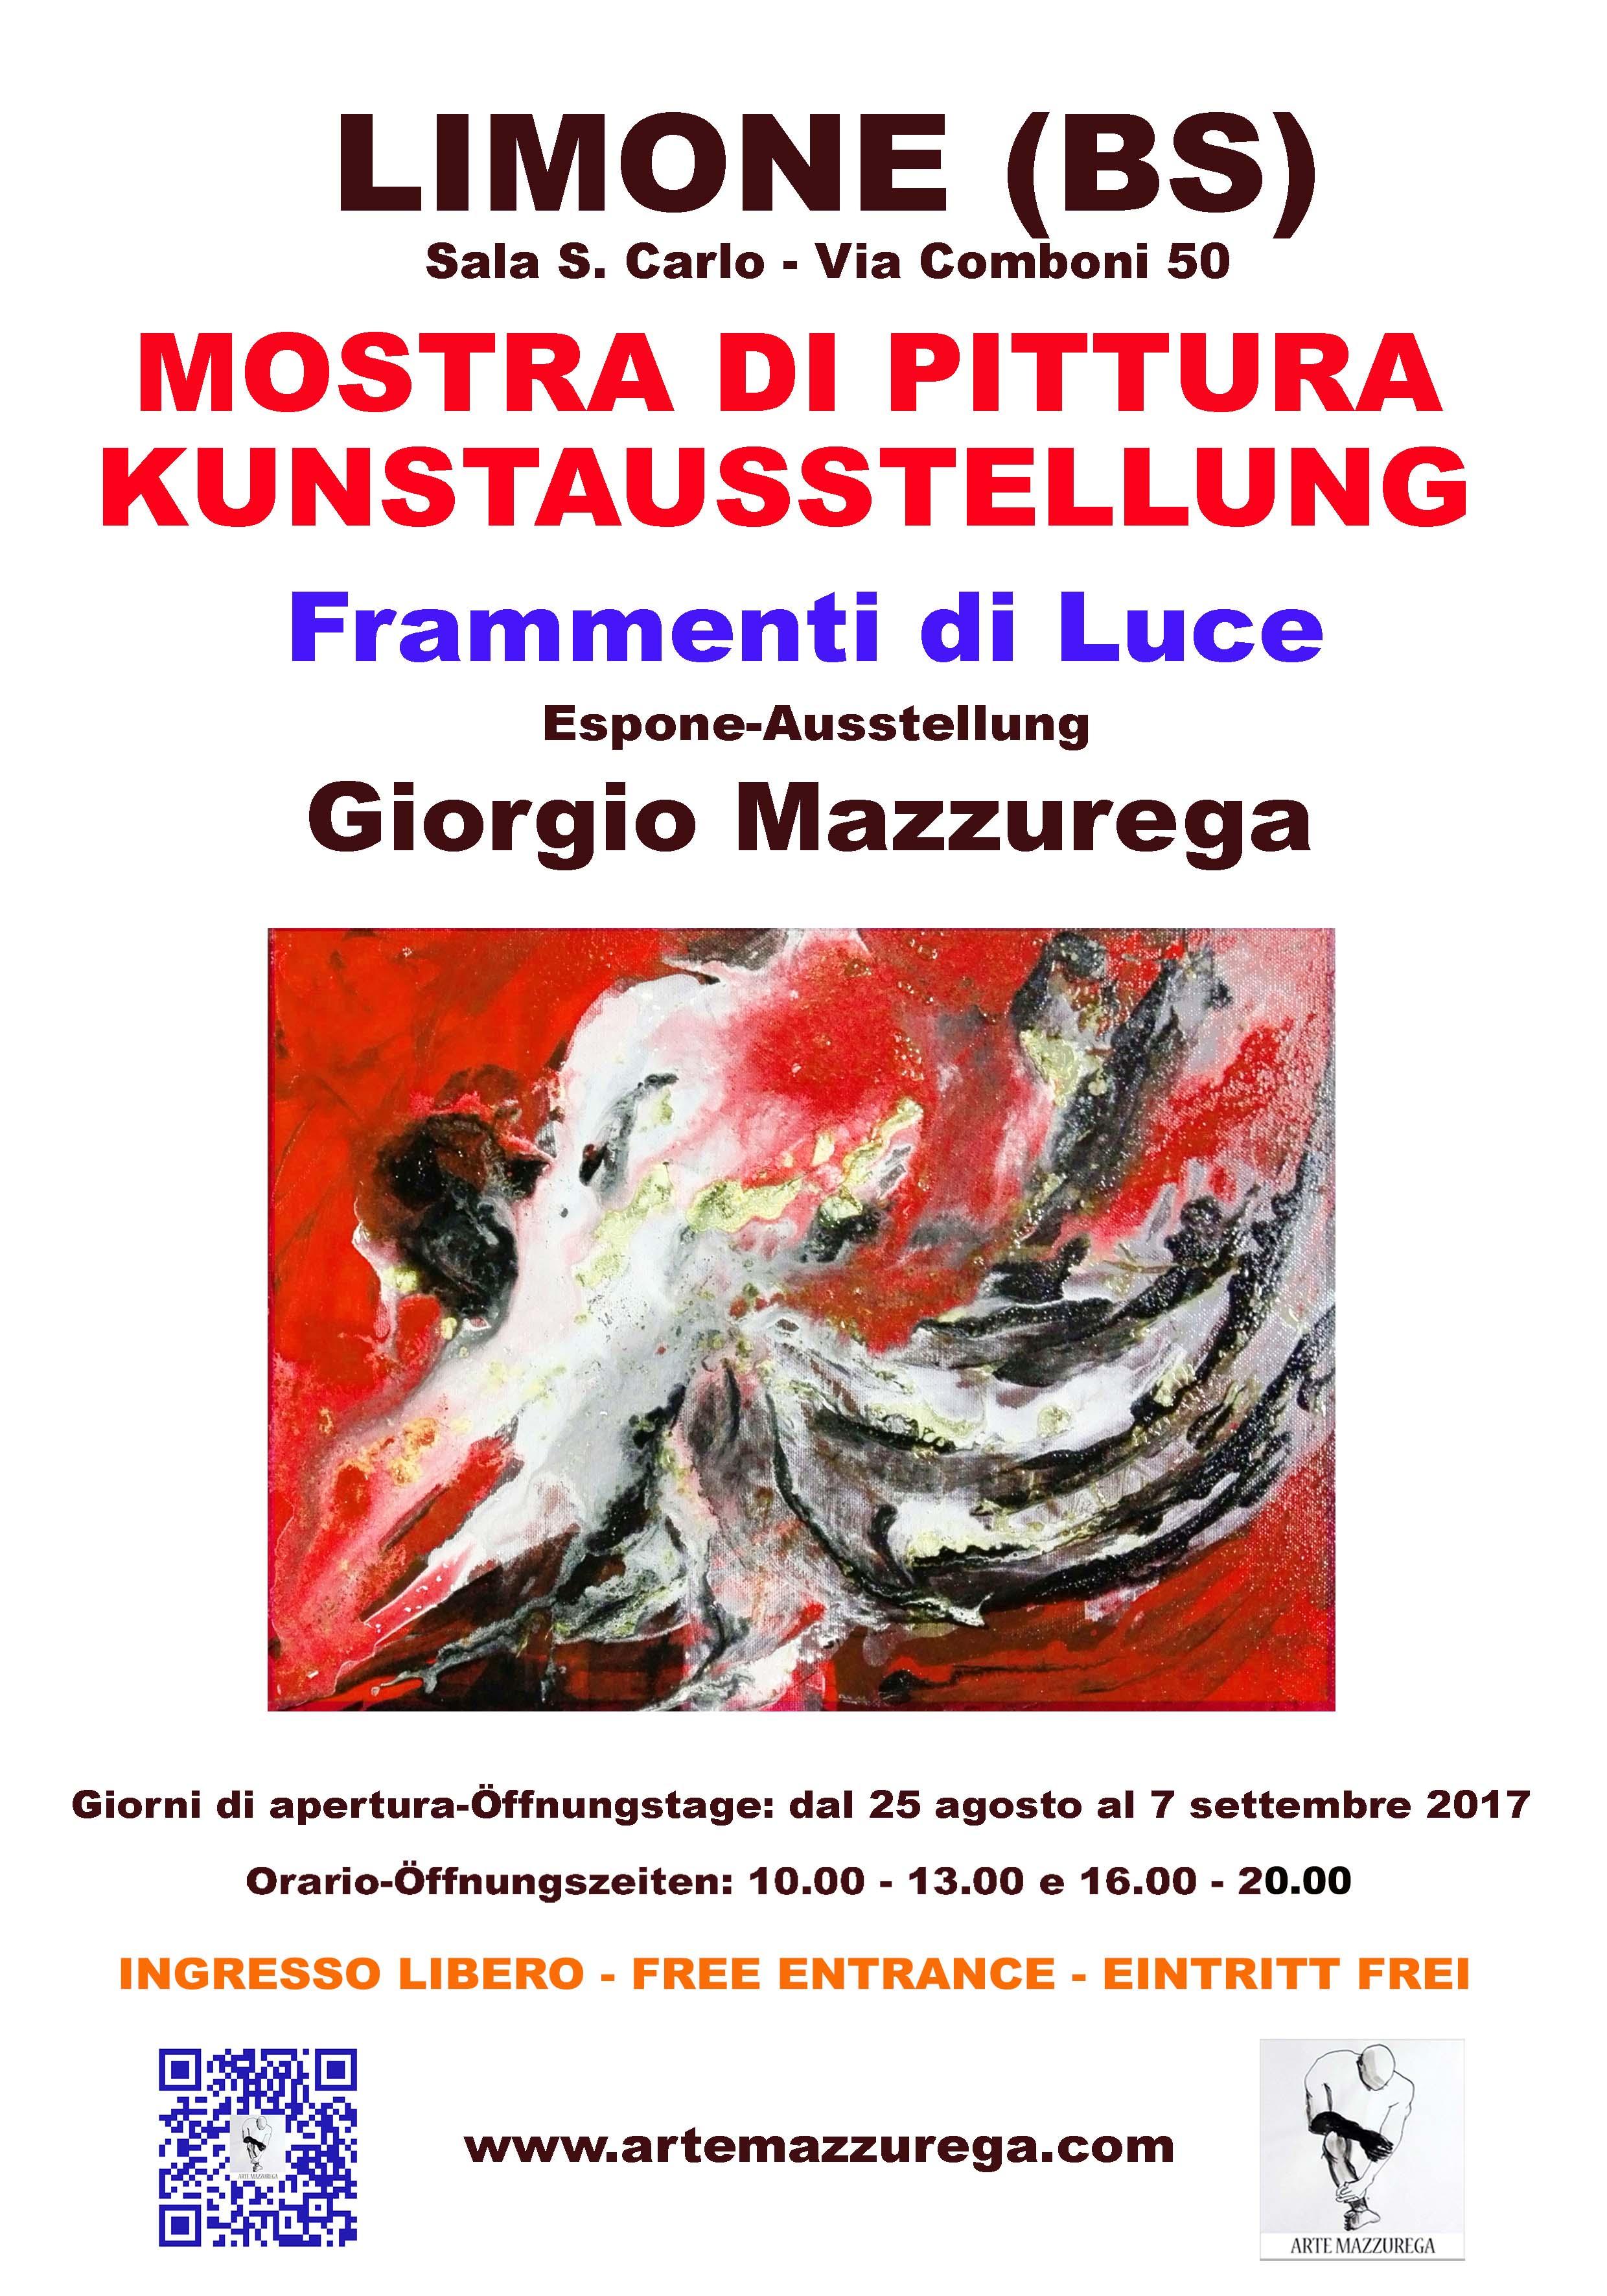 Locandina Limone 2017 dal 25 agosto al 5 settembre 2017